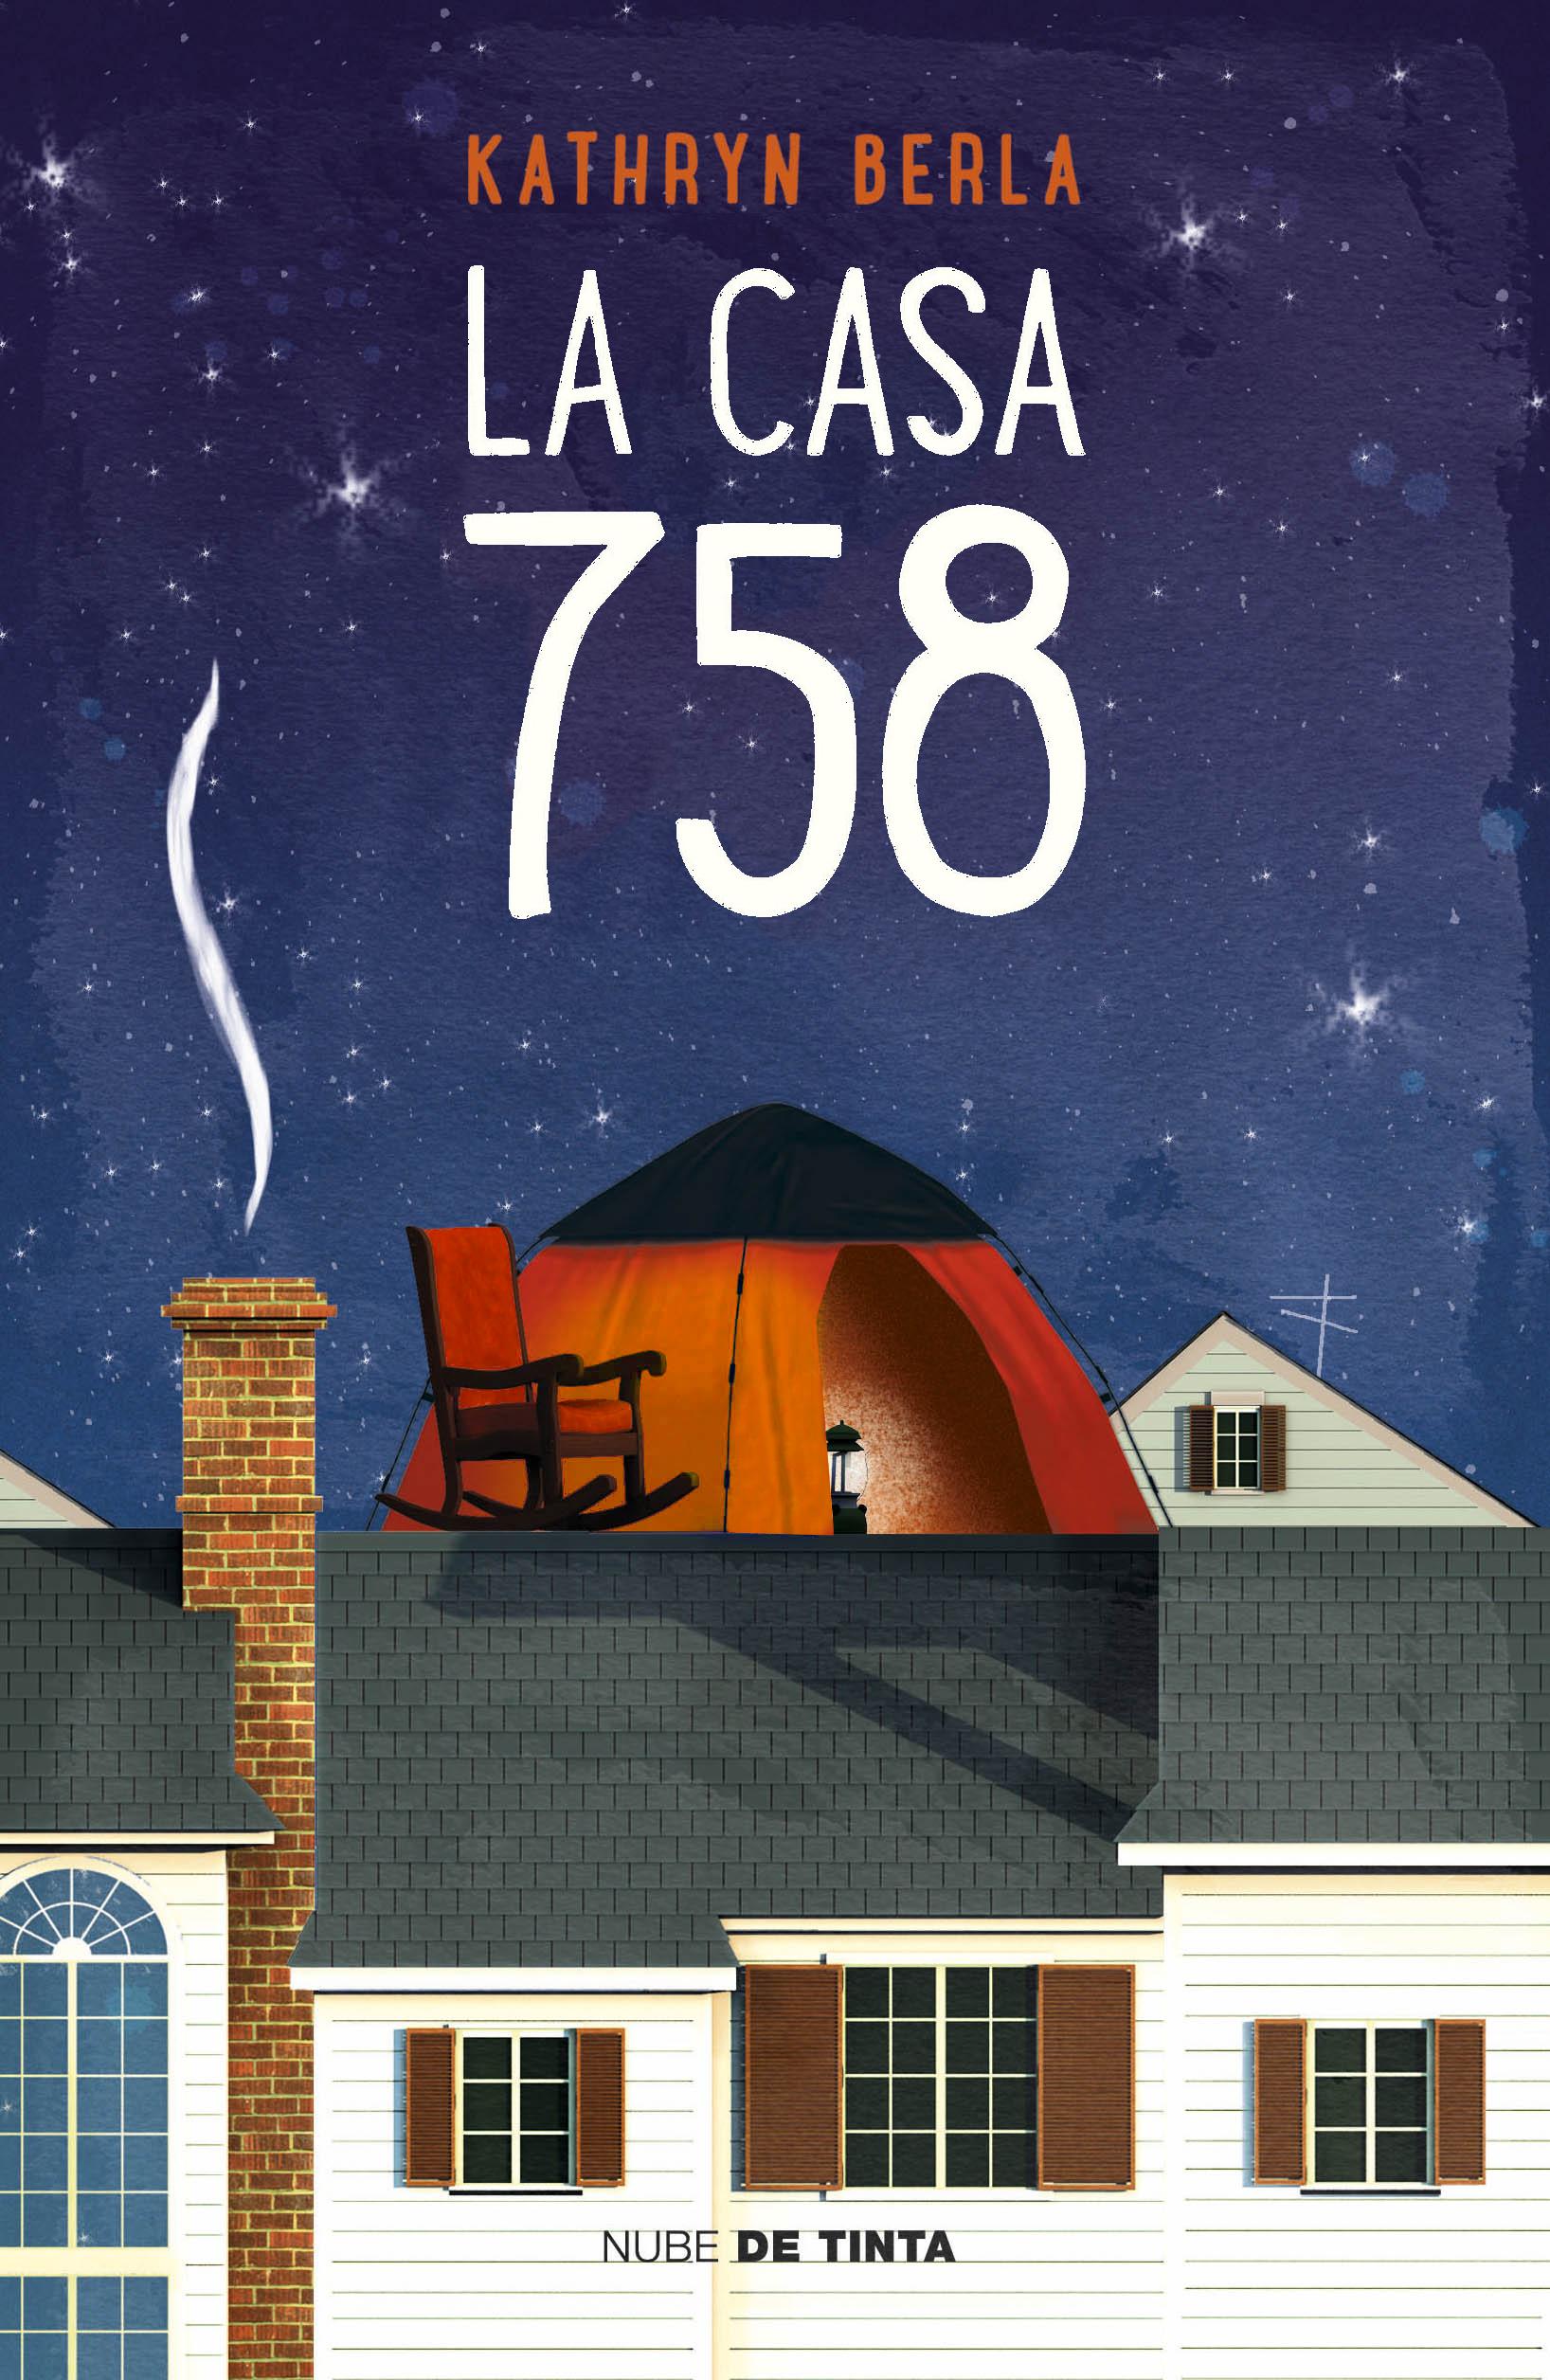 La Casa 758 Book Cover